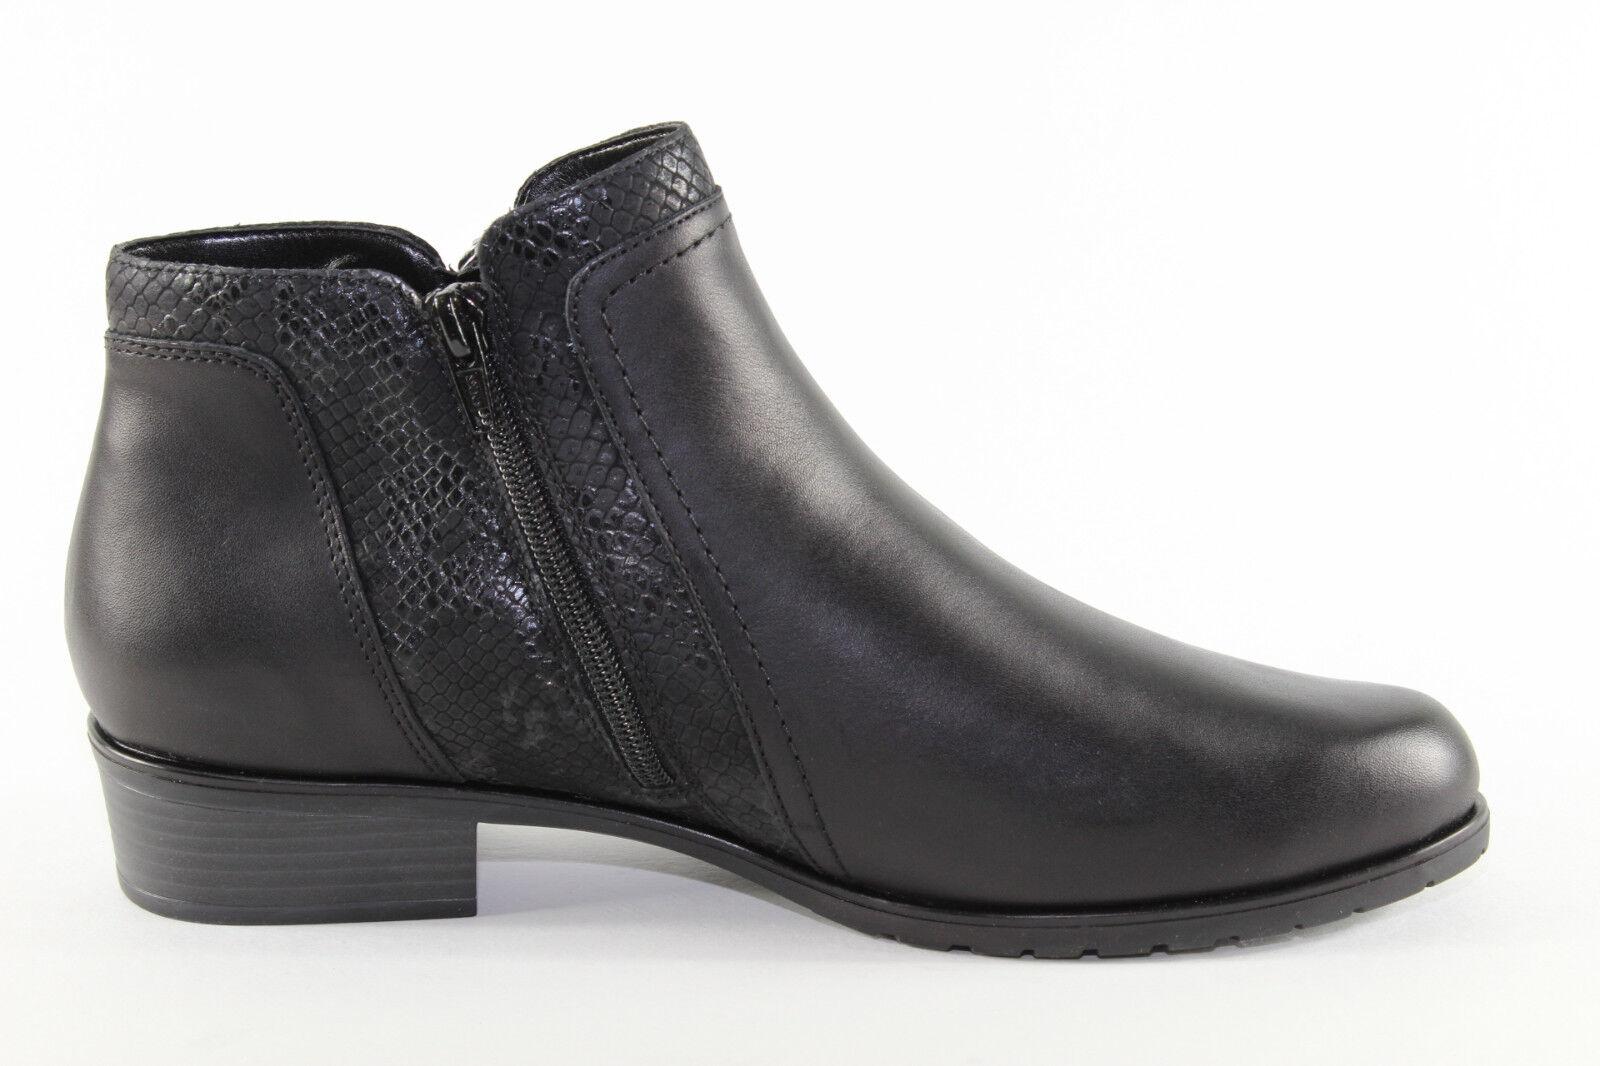 Remonte D6870-01, schwarze Stiefelette Stiefelette schwarze mit Warmfutter, Damenschuhe Übergröße ca7b22